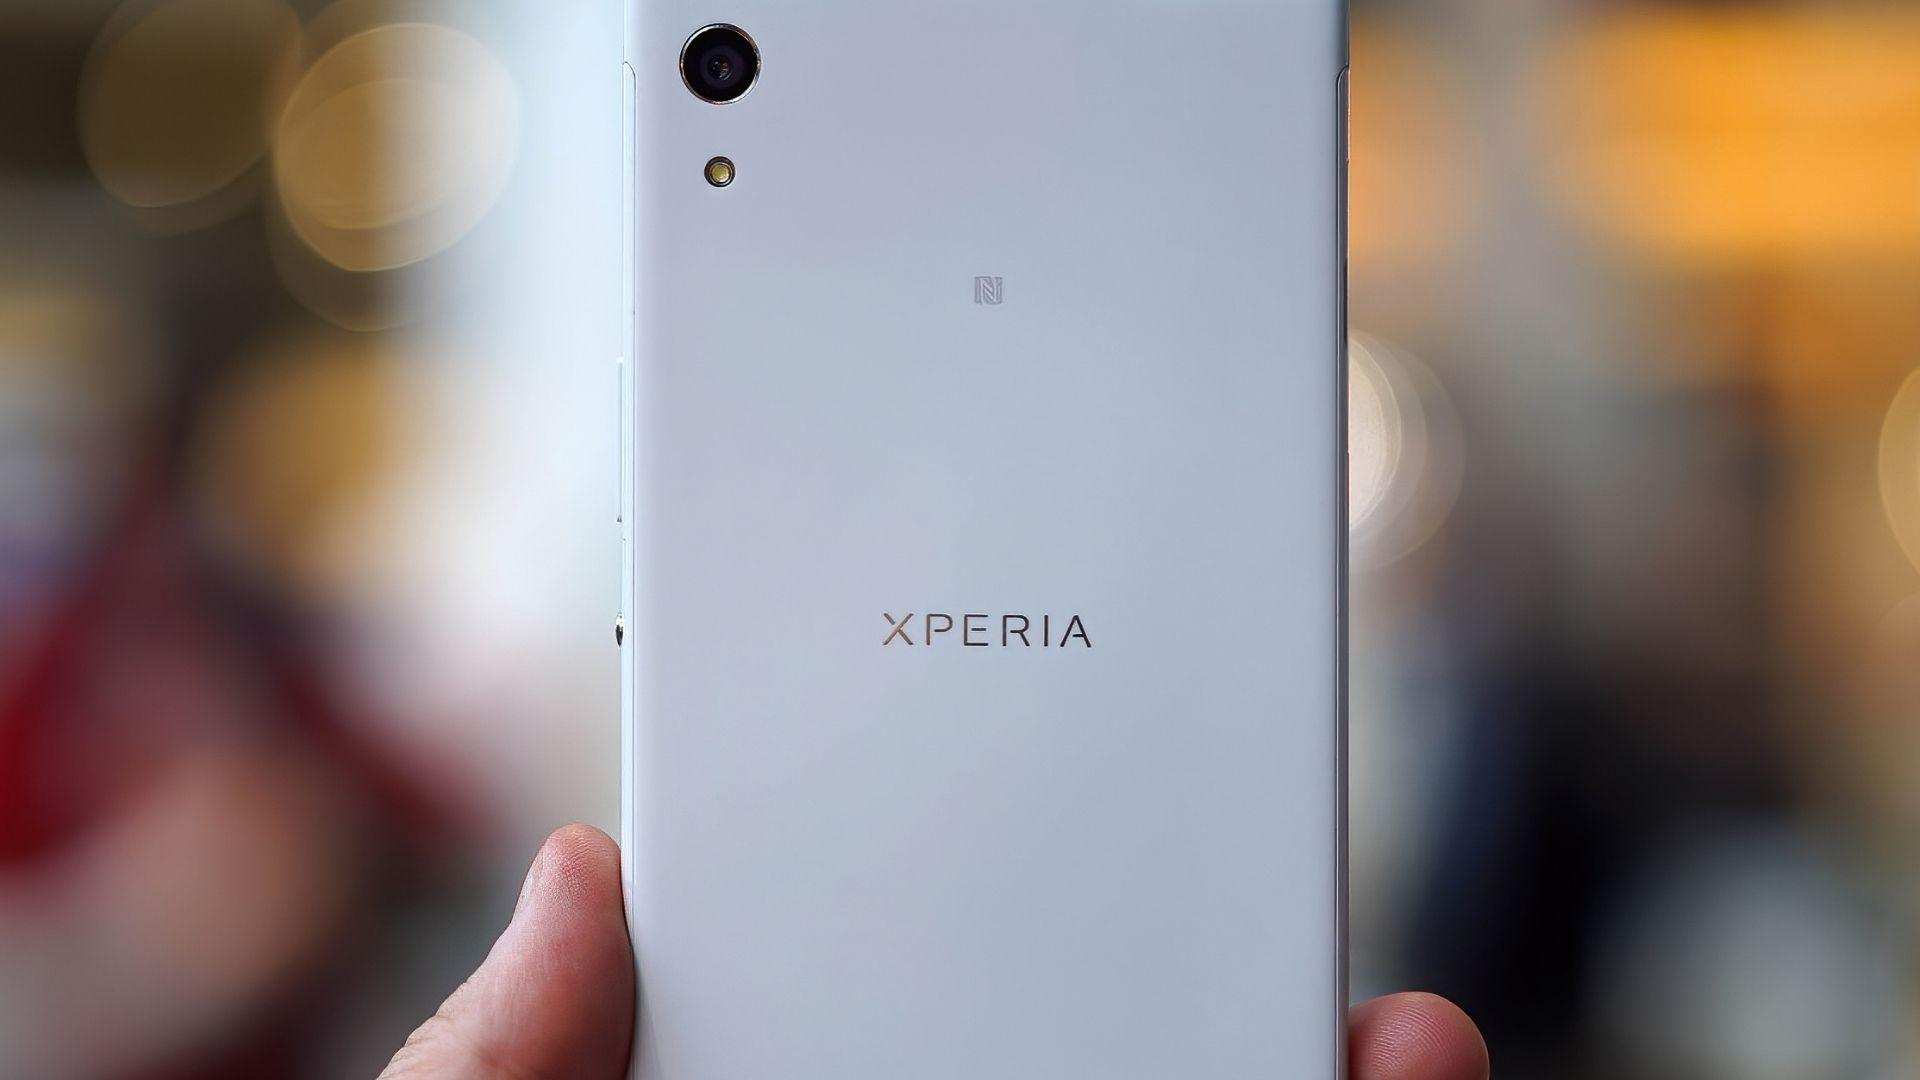 Celular Xperia XA1 branco sendo segurado por dois dedos e em fundo desfocado